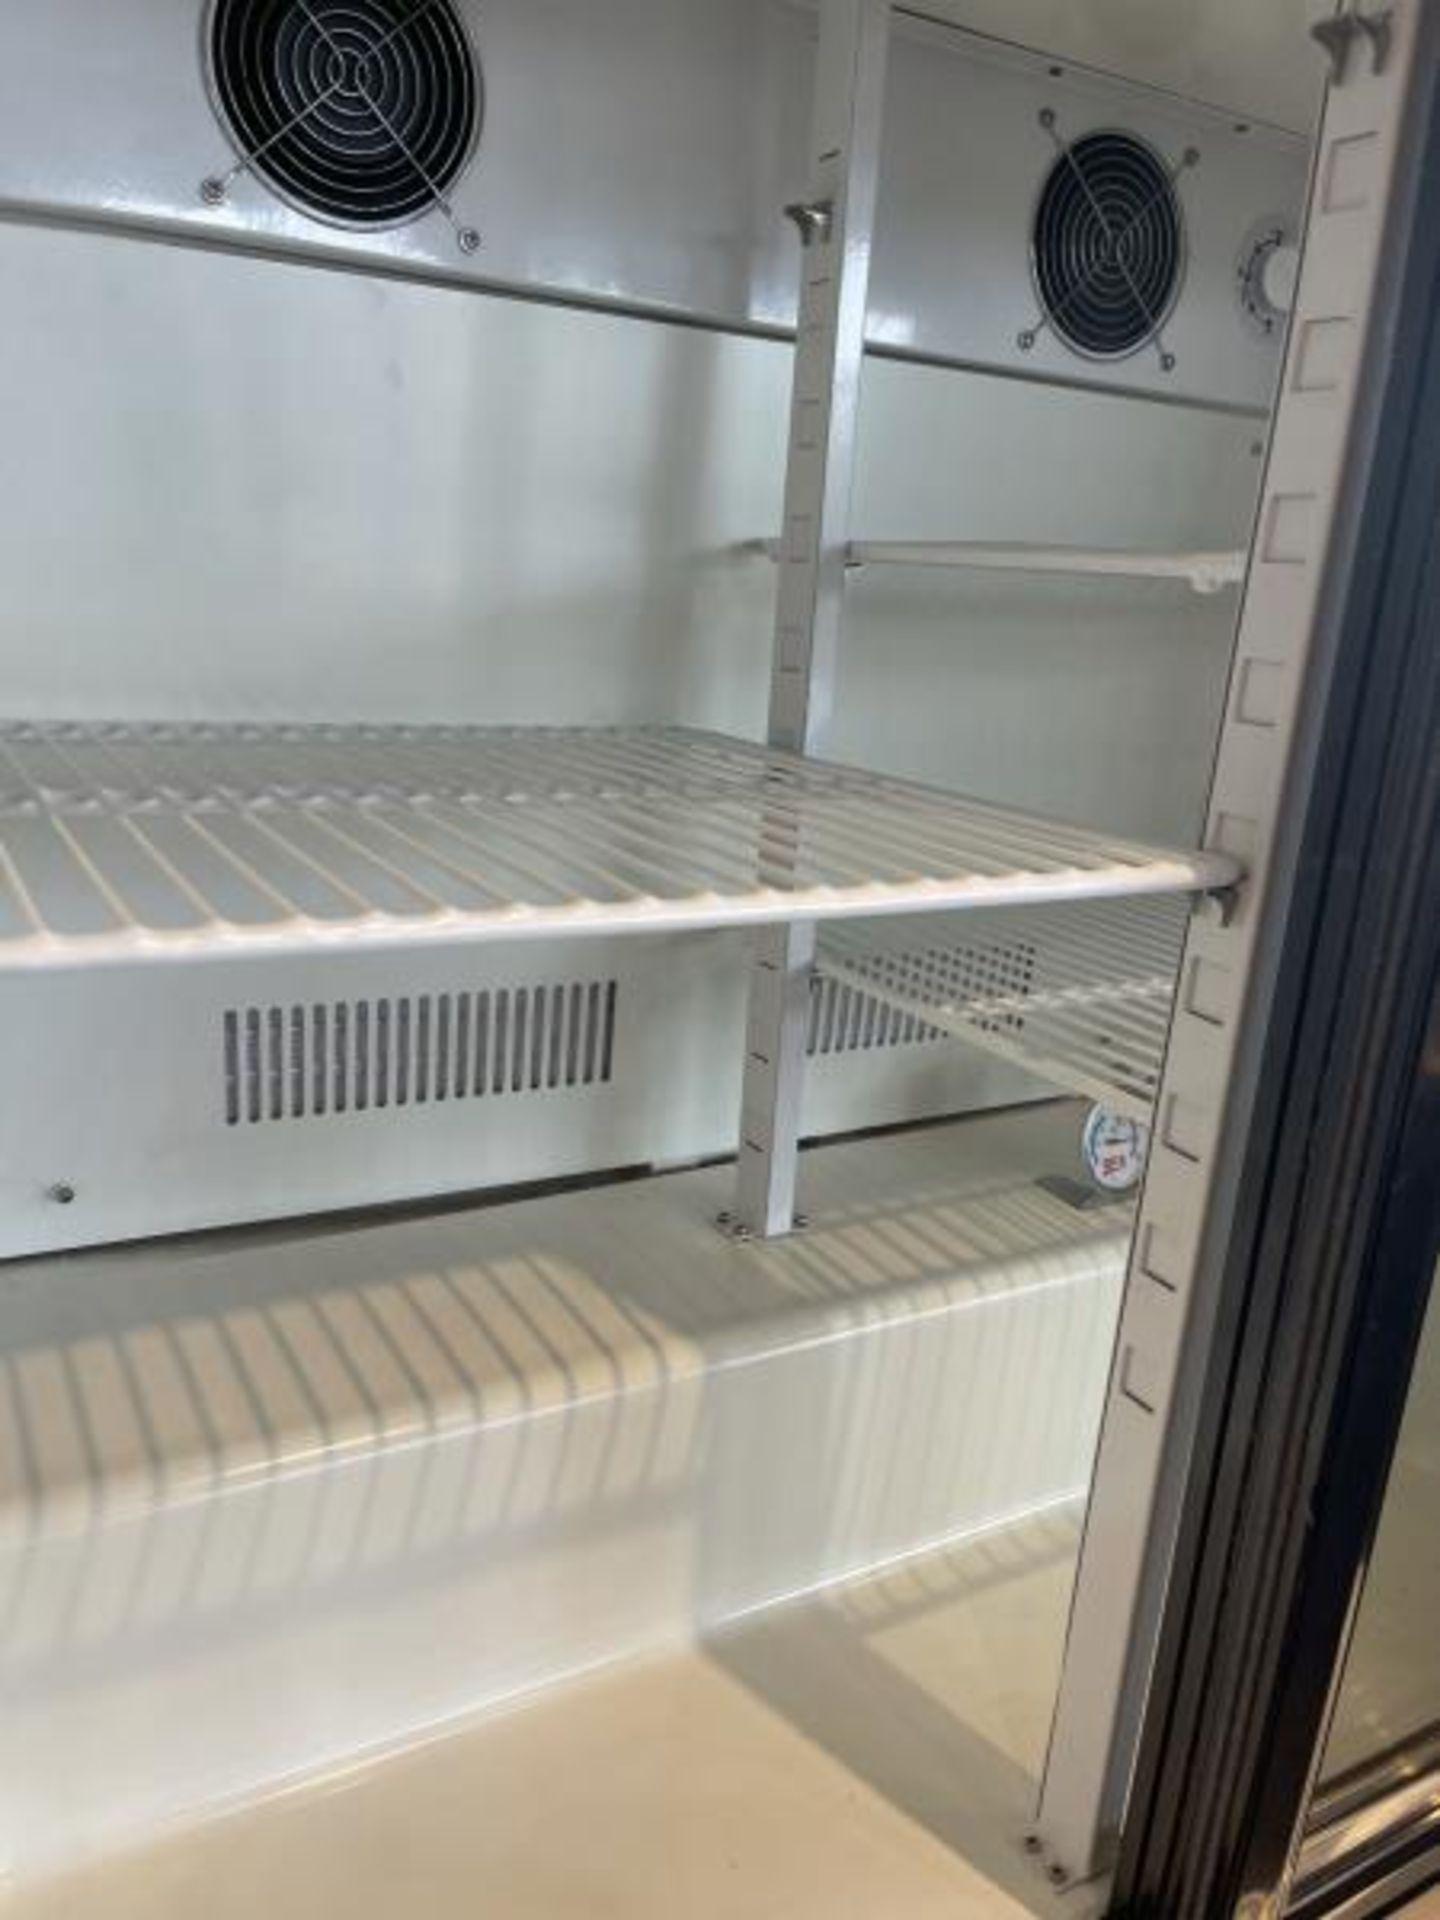 Sliding Glass Door Refrigerator, Countertop - Image 2 of 2